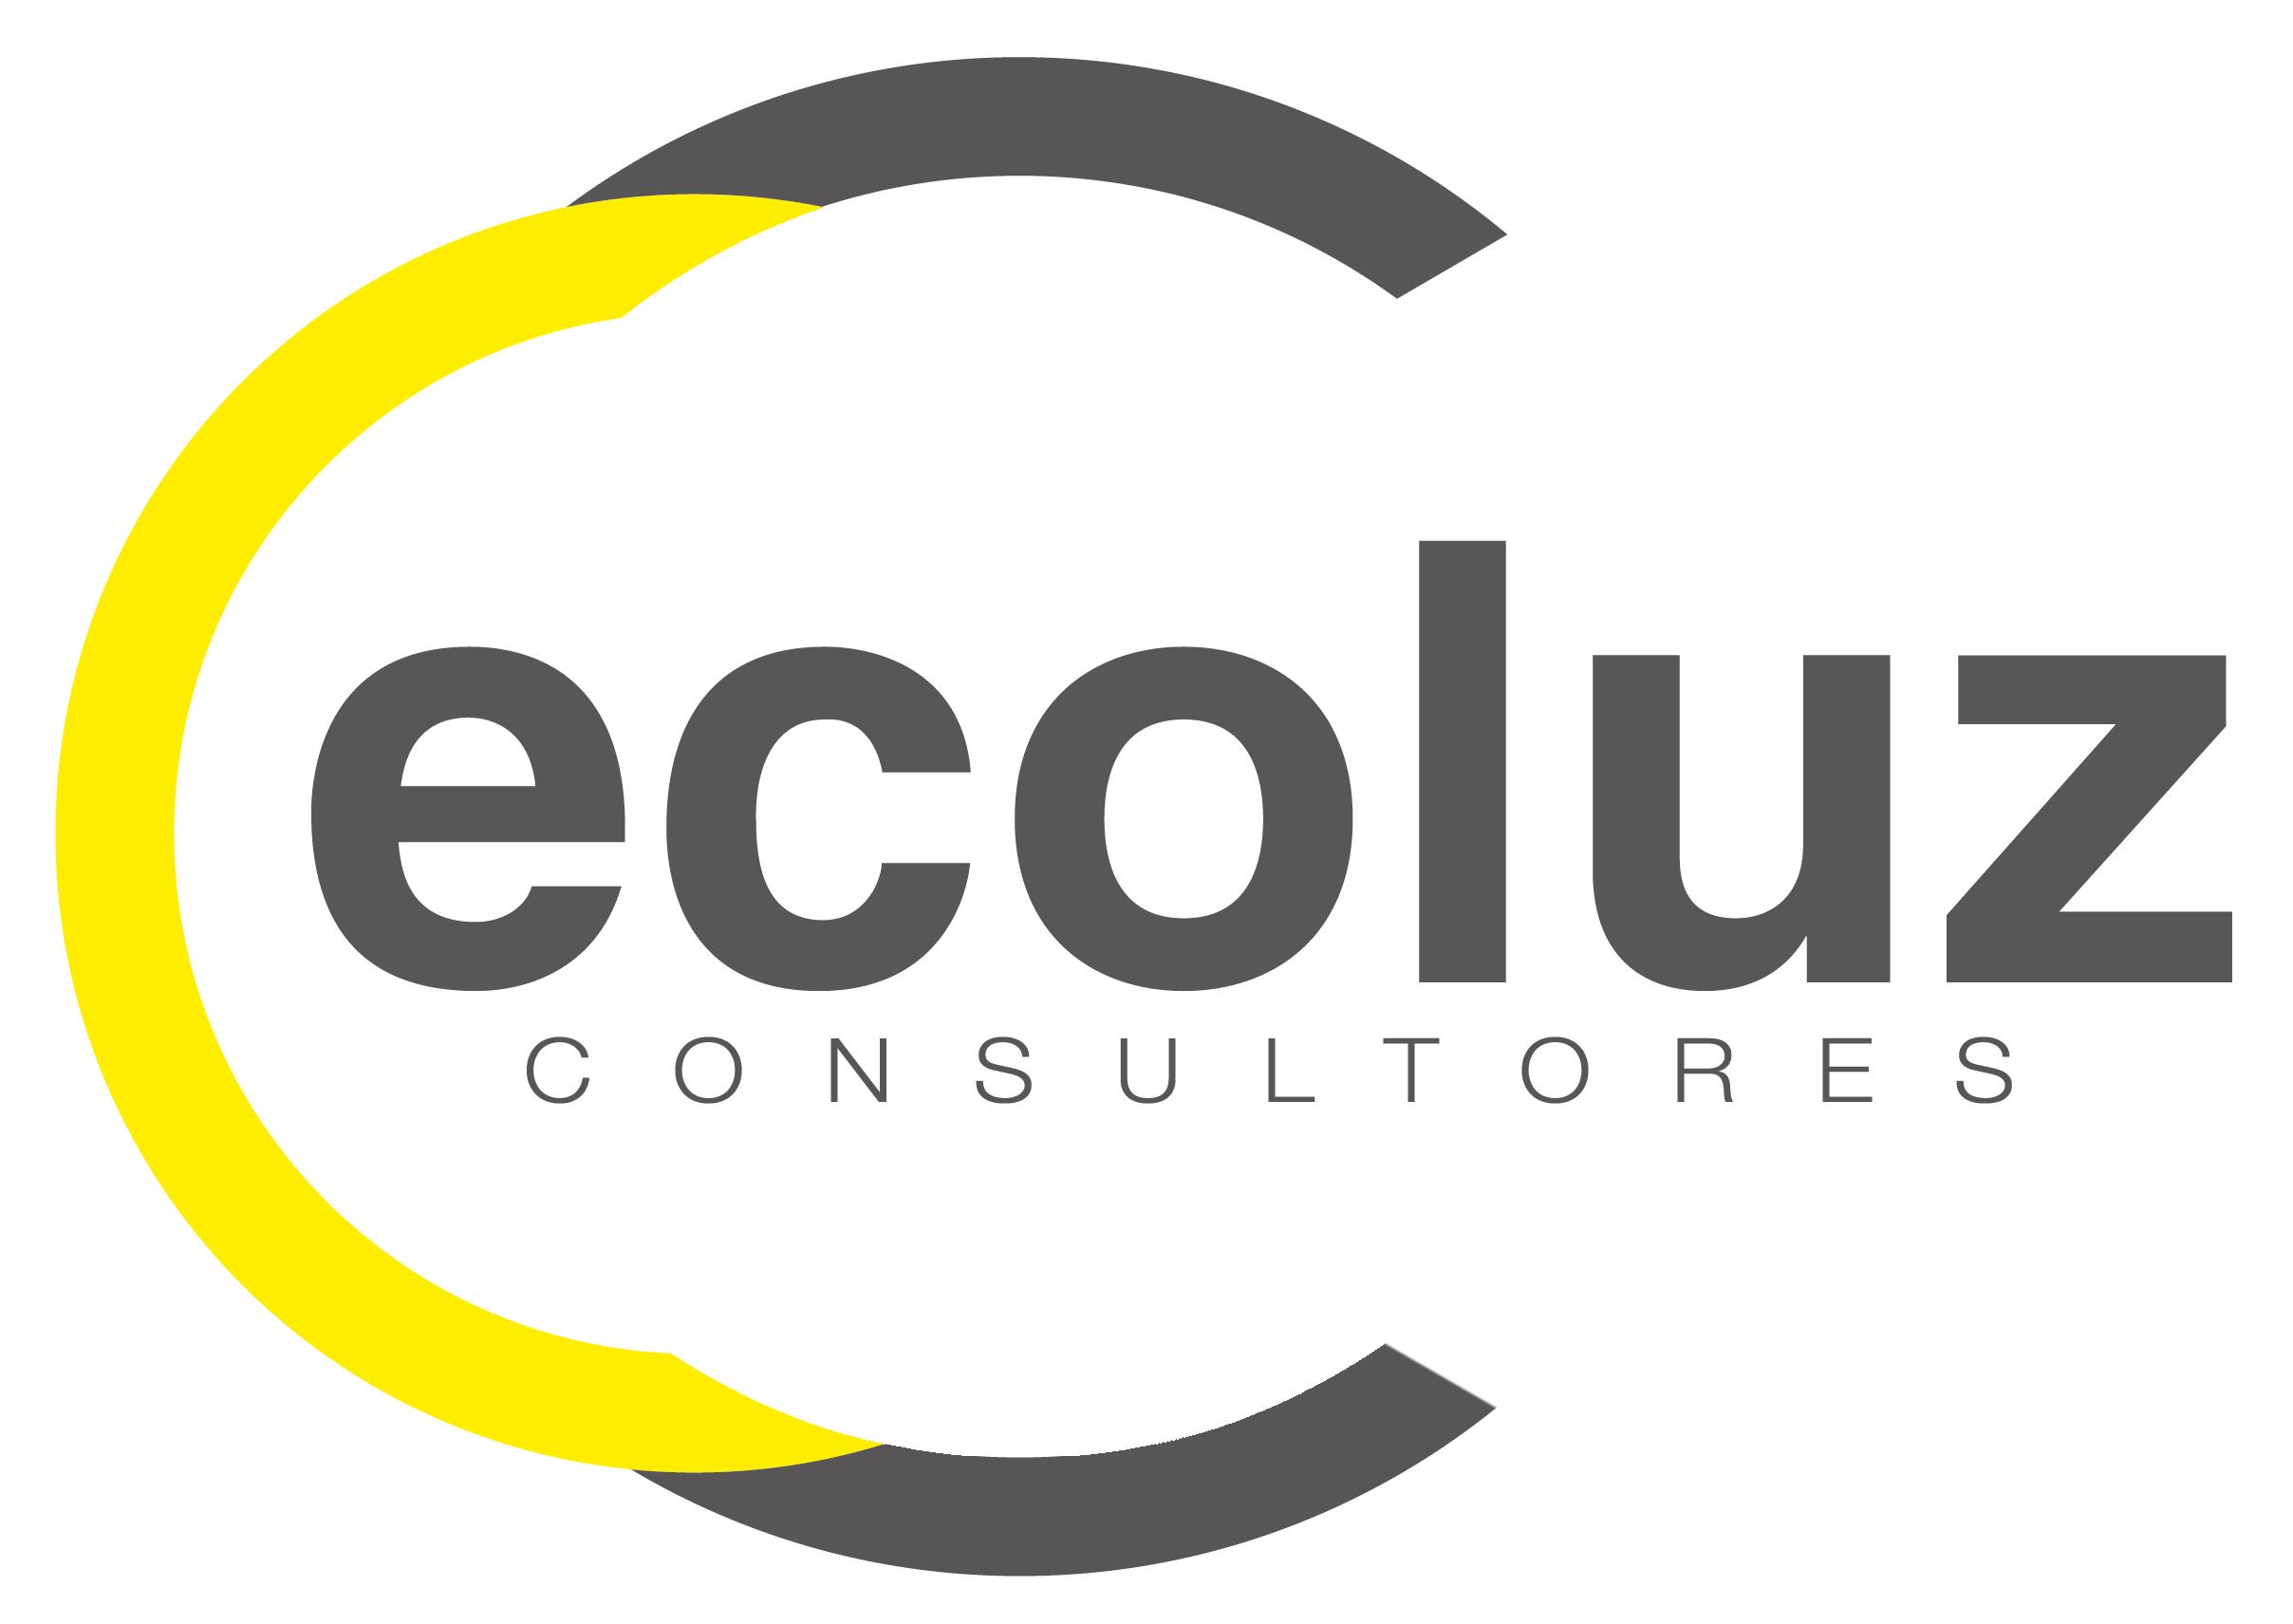 Ecoluz Consultores